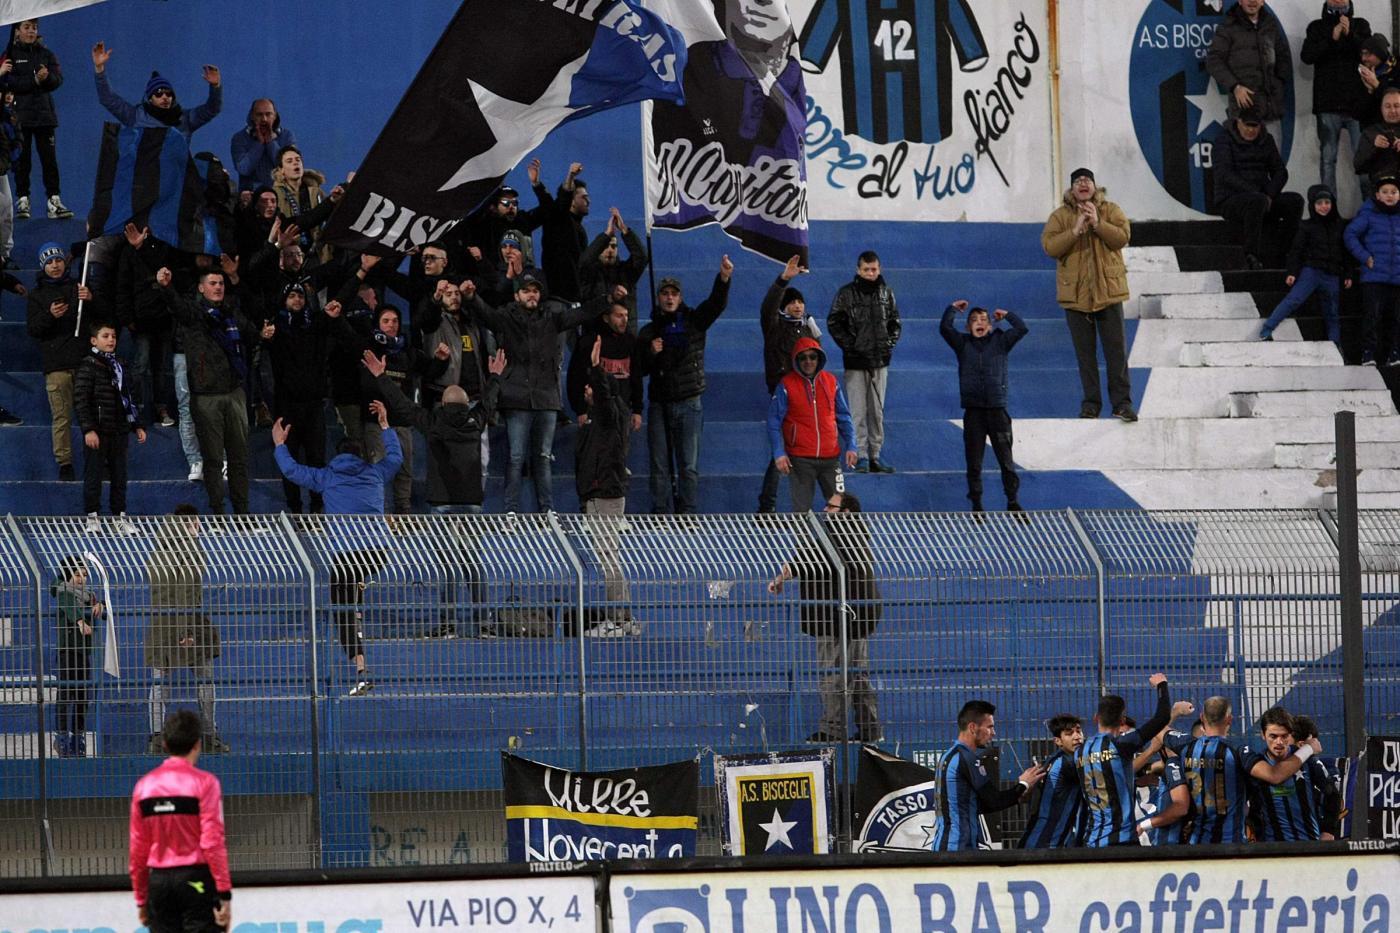 Bisceglie-Casertana 25 settembre: match valido per il gruppo C della Serie C. Il Bisceglie è ancora in cerca del primo successo stagionale.